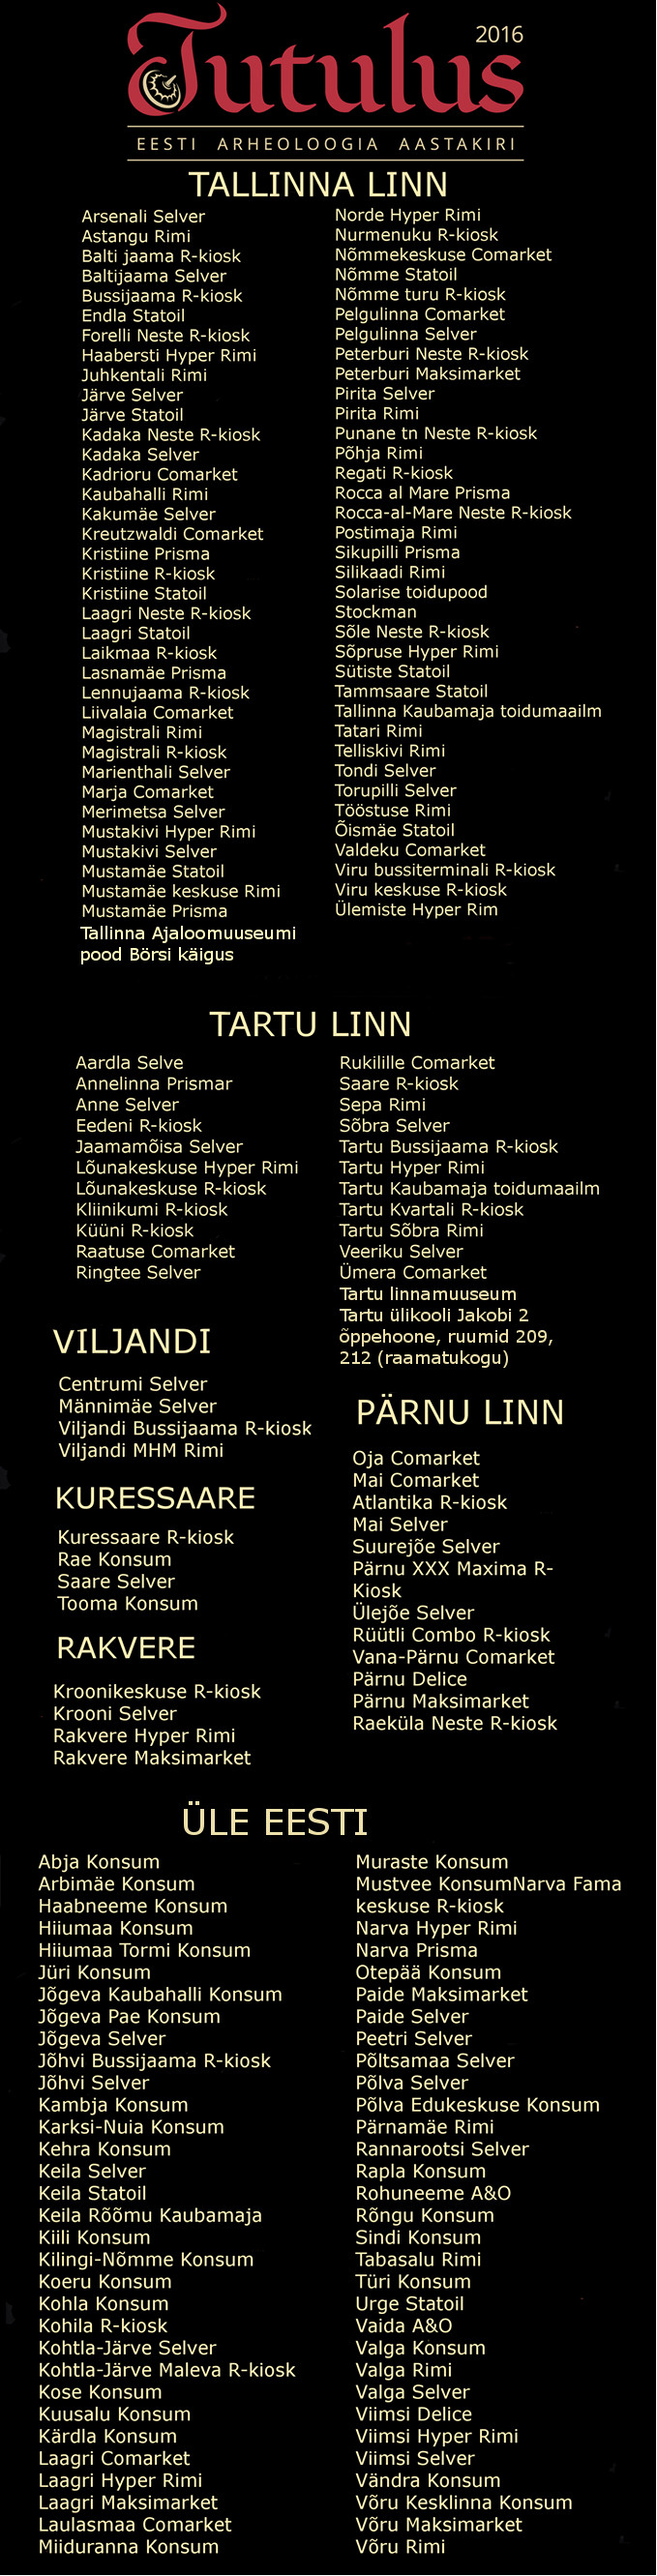 Tutulus_muuk2017